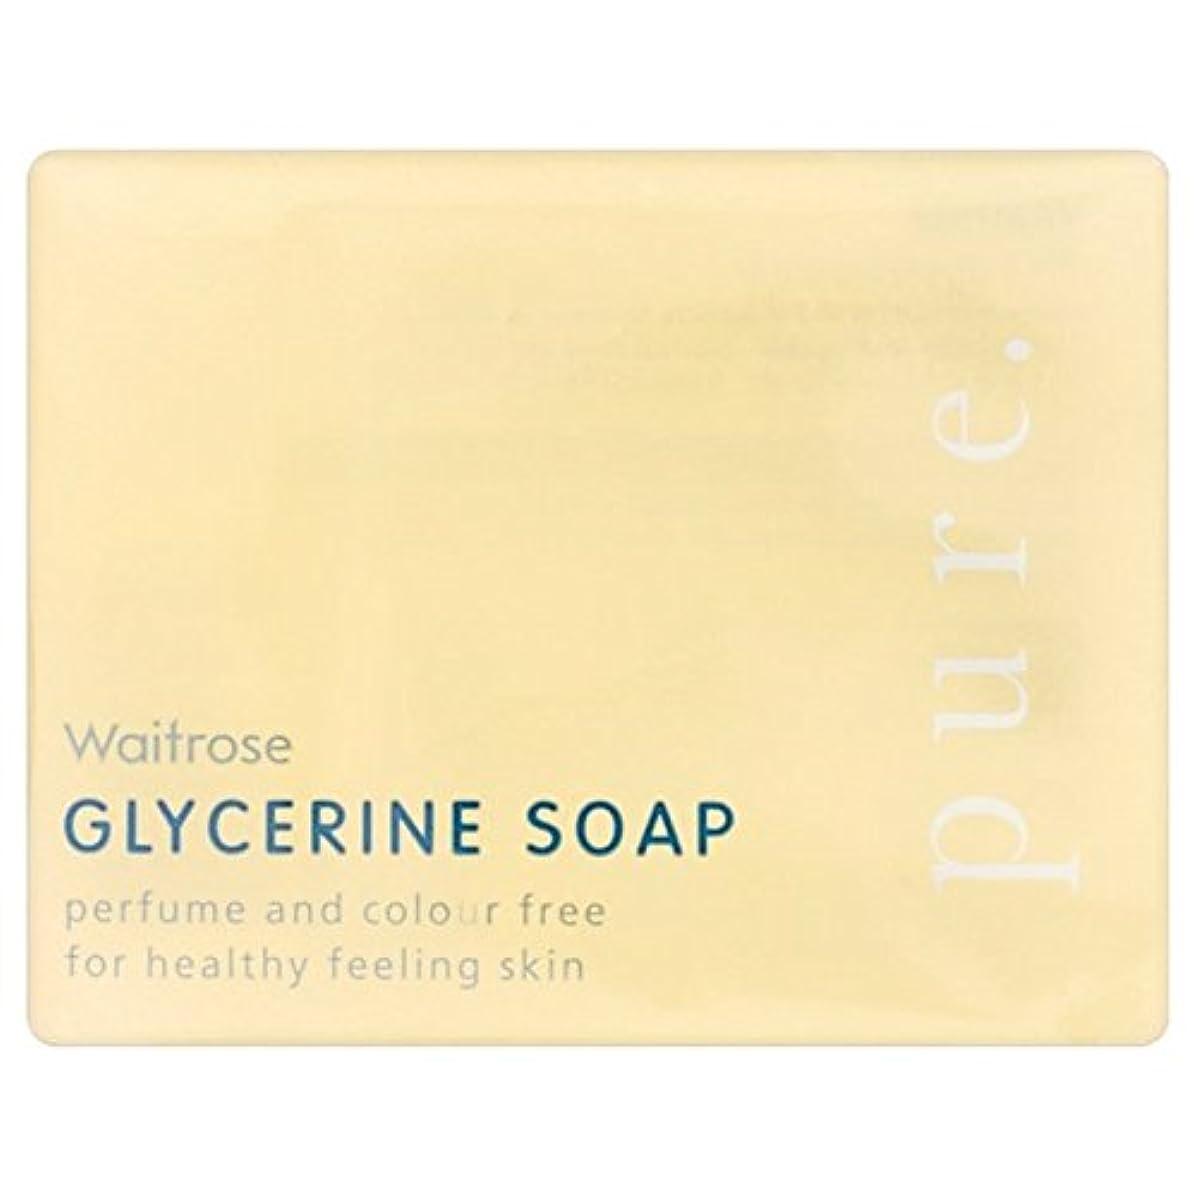 気づかない重なる敷居Pure Glycerine Soap Waitrose 100g - 純粋なグリセリンソープウェイトローズの100グラム [並行輸入品]